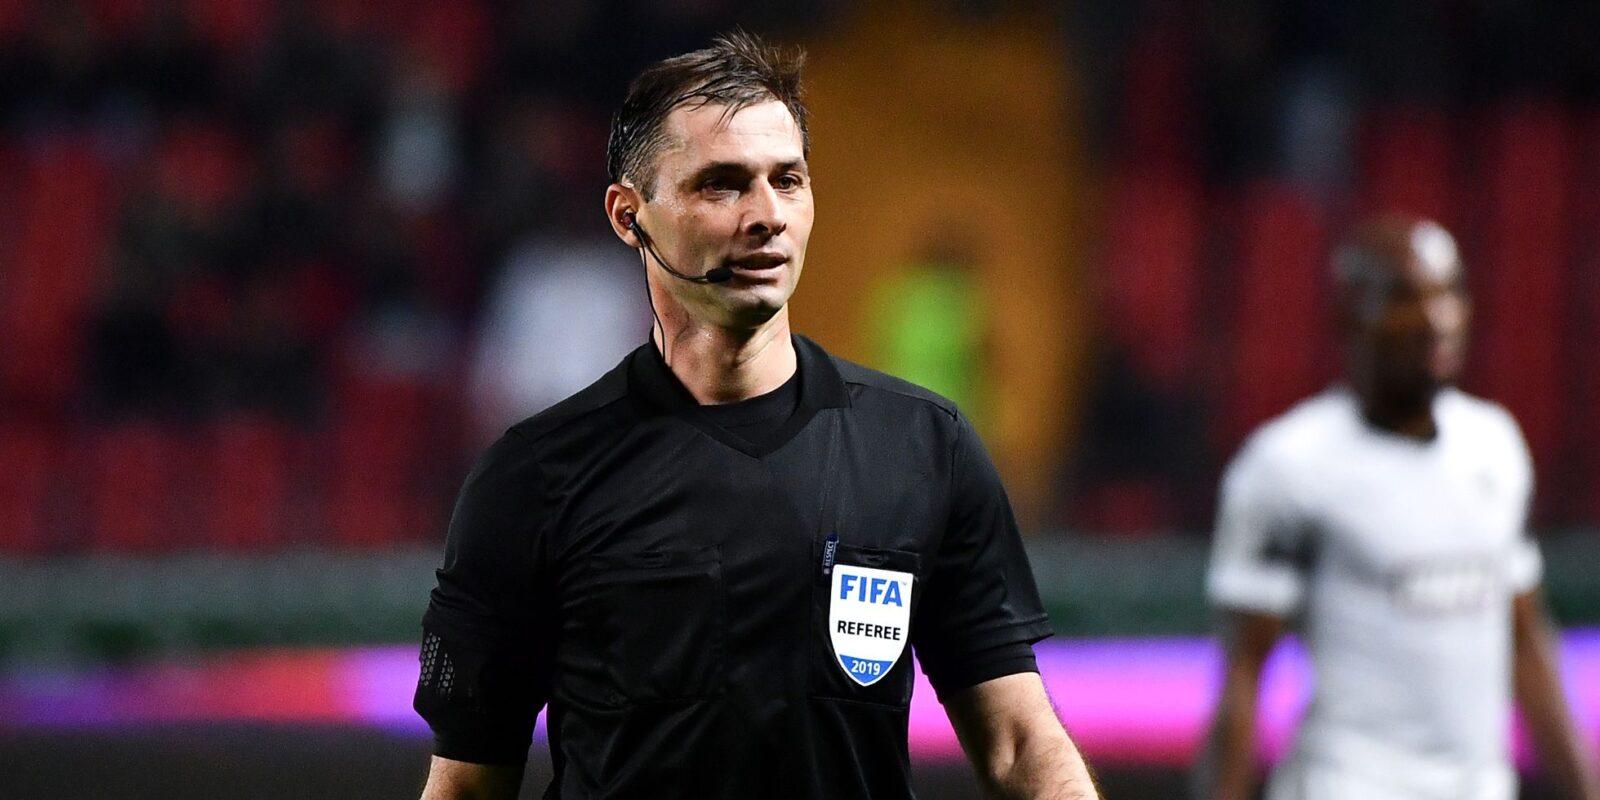 В российском футболе назревает серьёзный судейский скандал